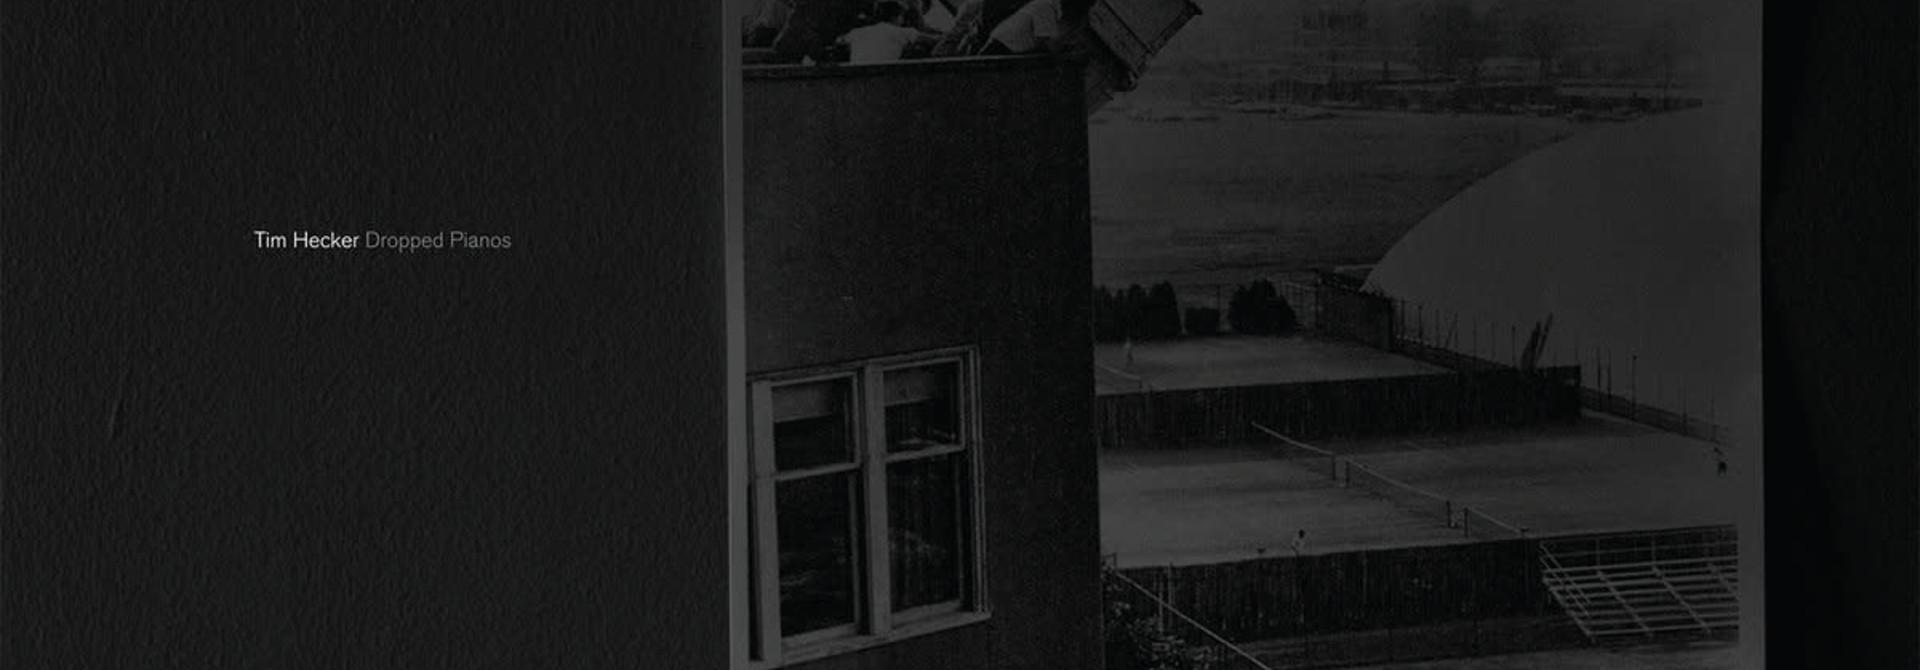 Tim Hecker • Dropped Pianos